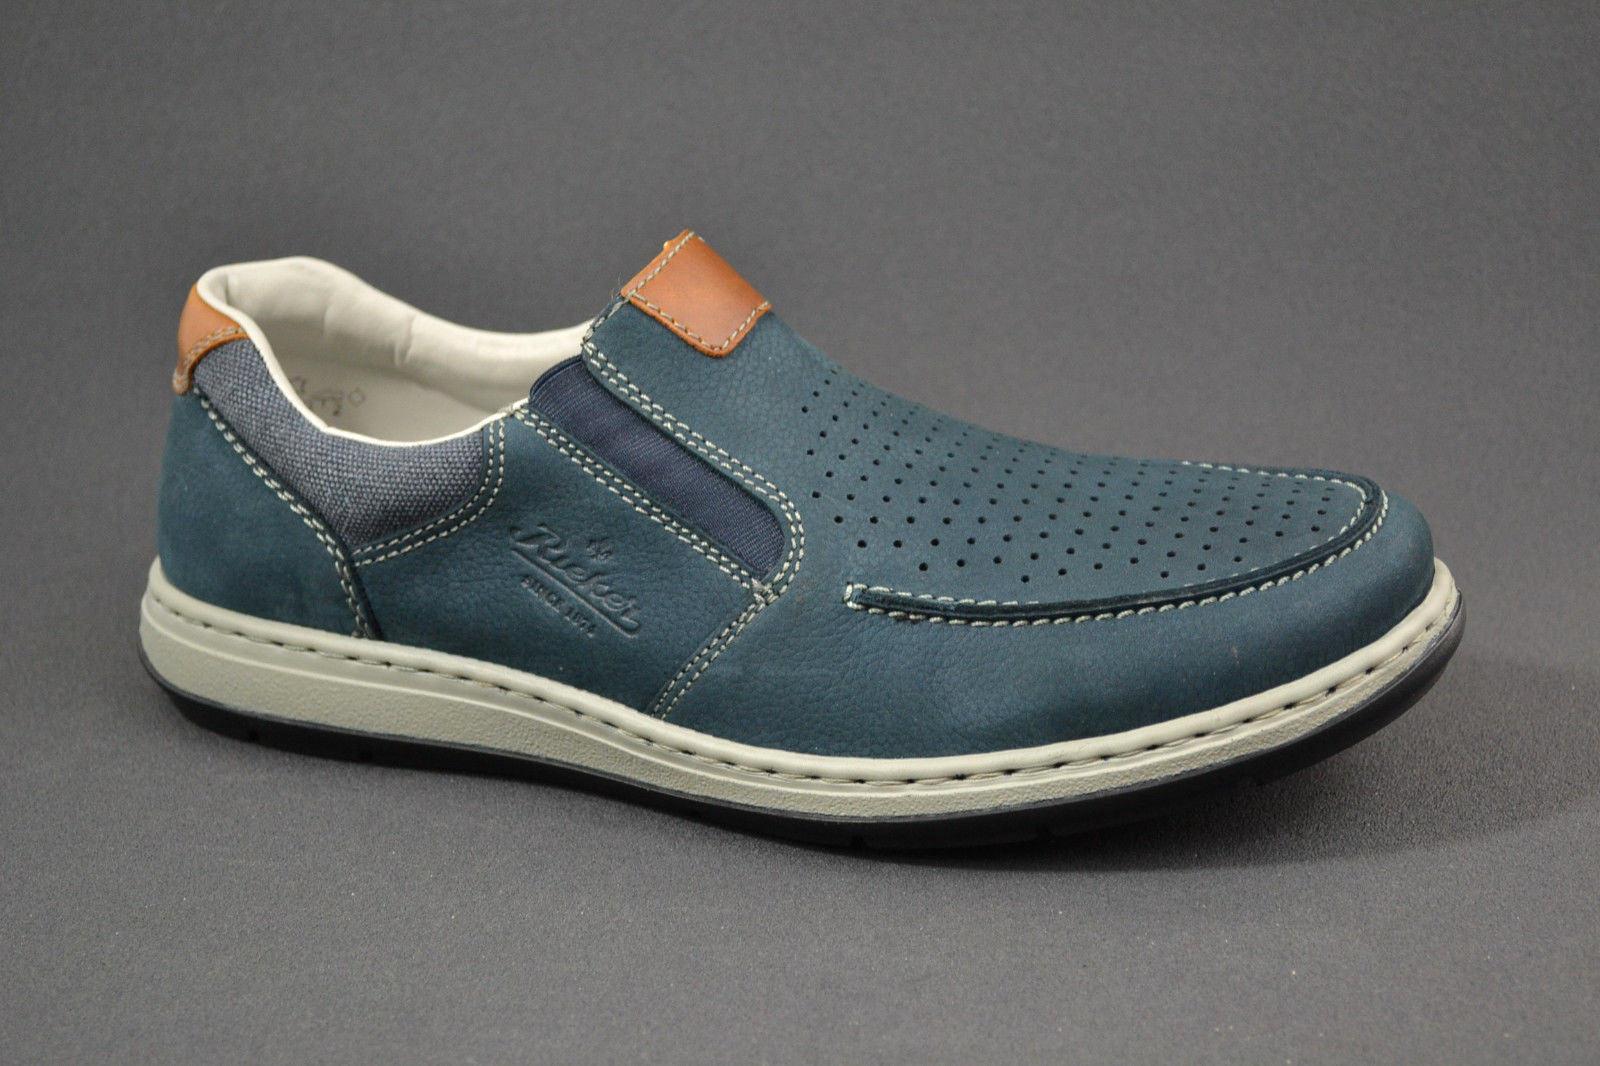 RIEKER Herren Schuhe comfort Slipper blau Leder extra weit NEU REDUZIERT 17356